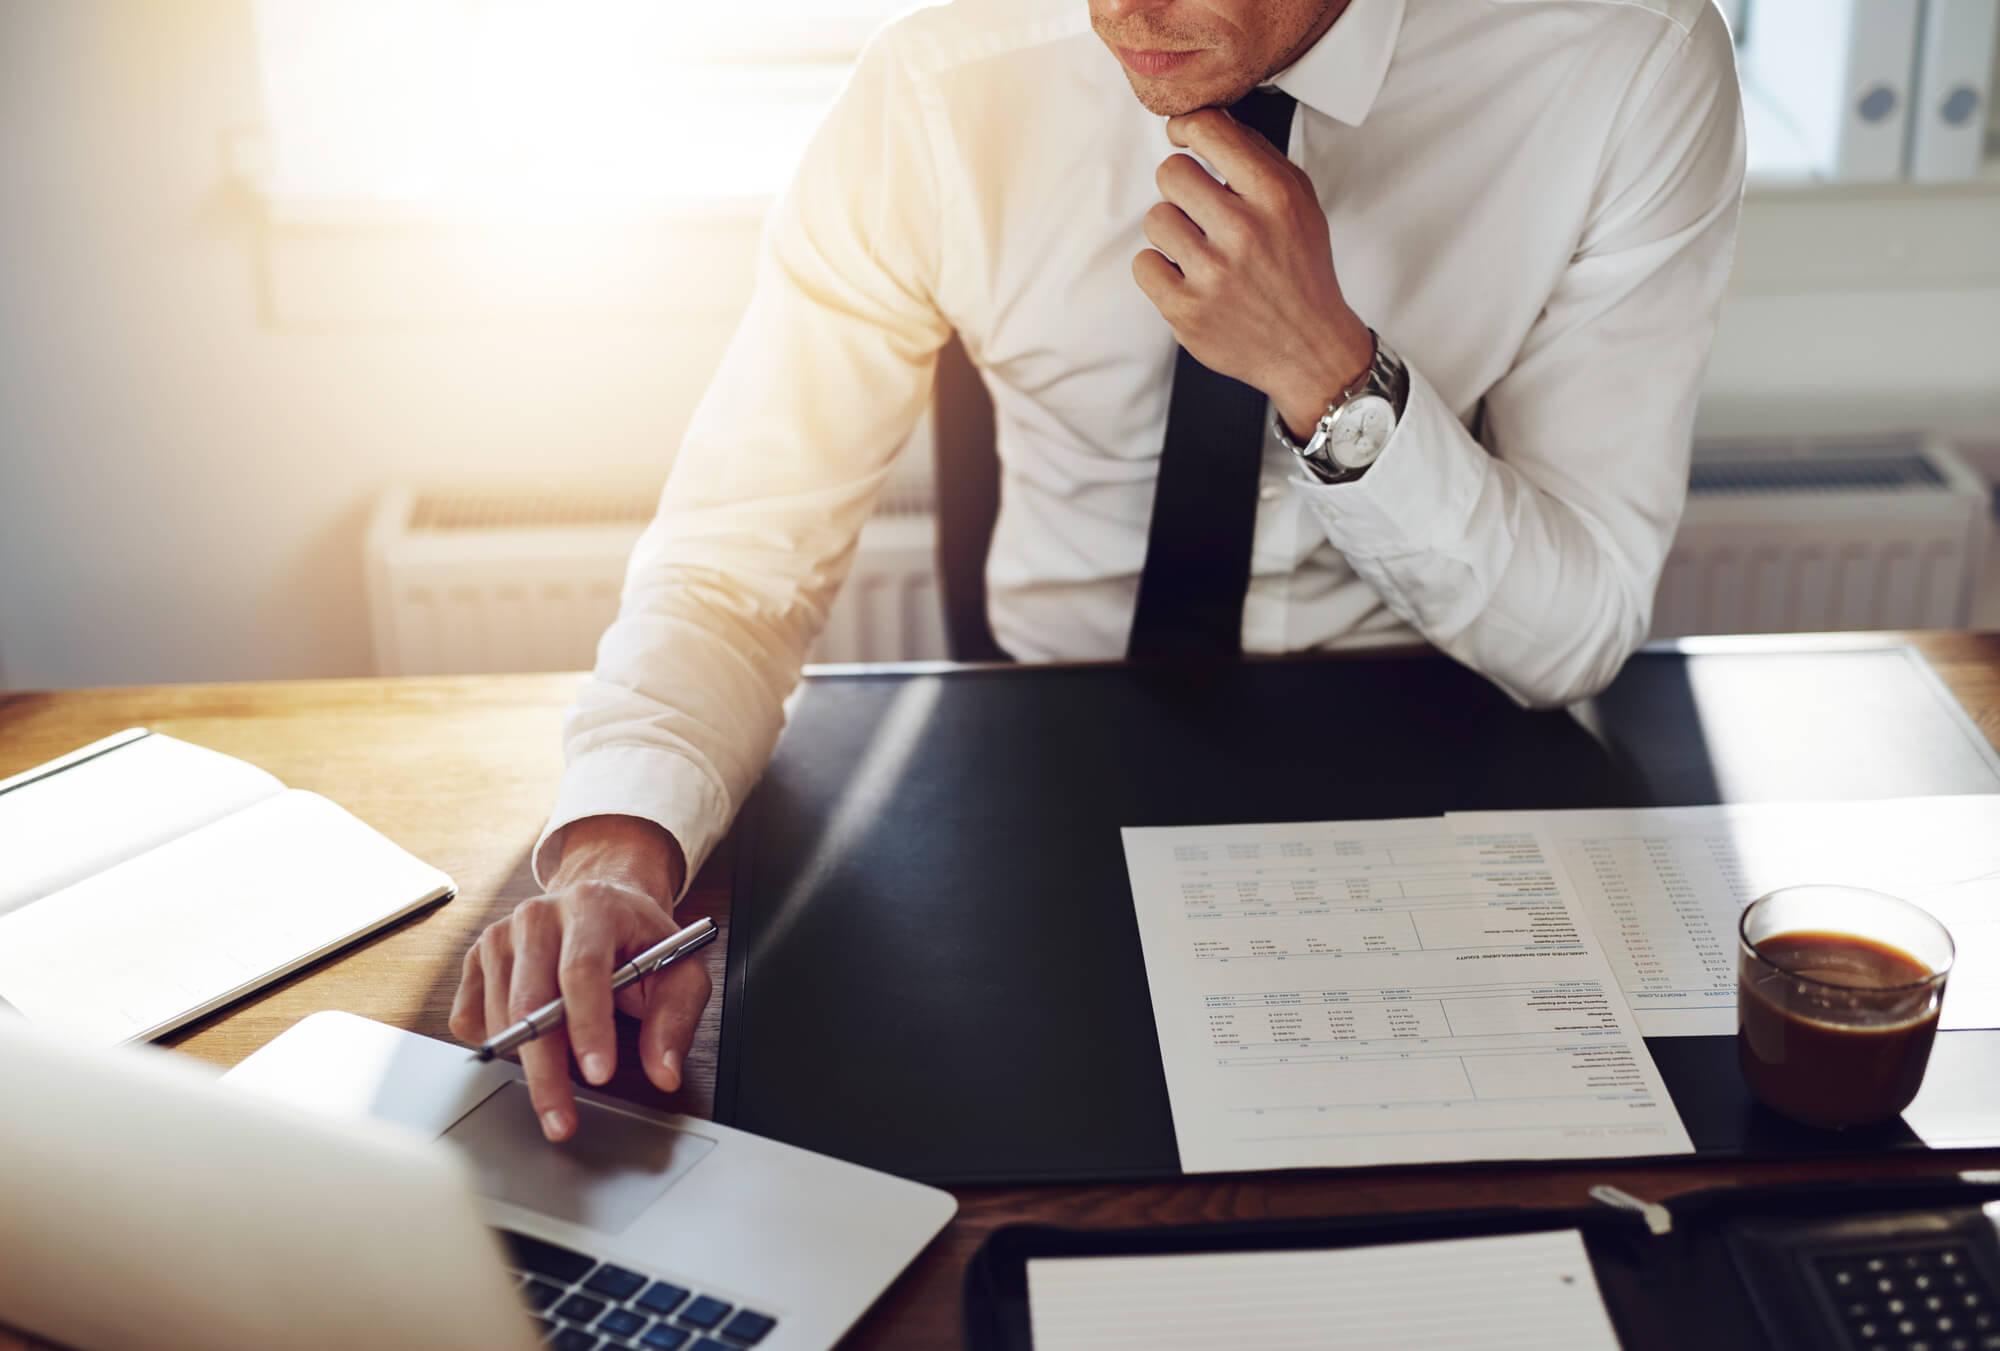 Ciclos de negócios: conheça os principais e a importância de cada um